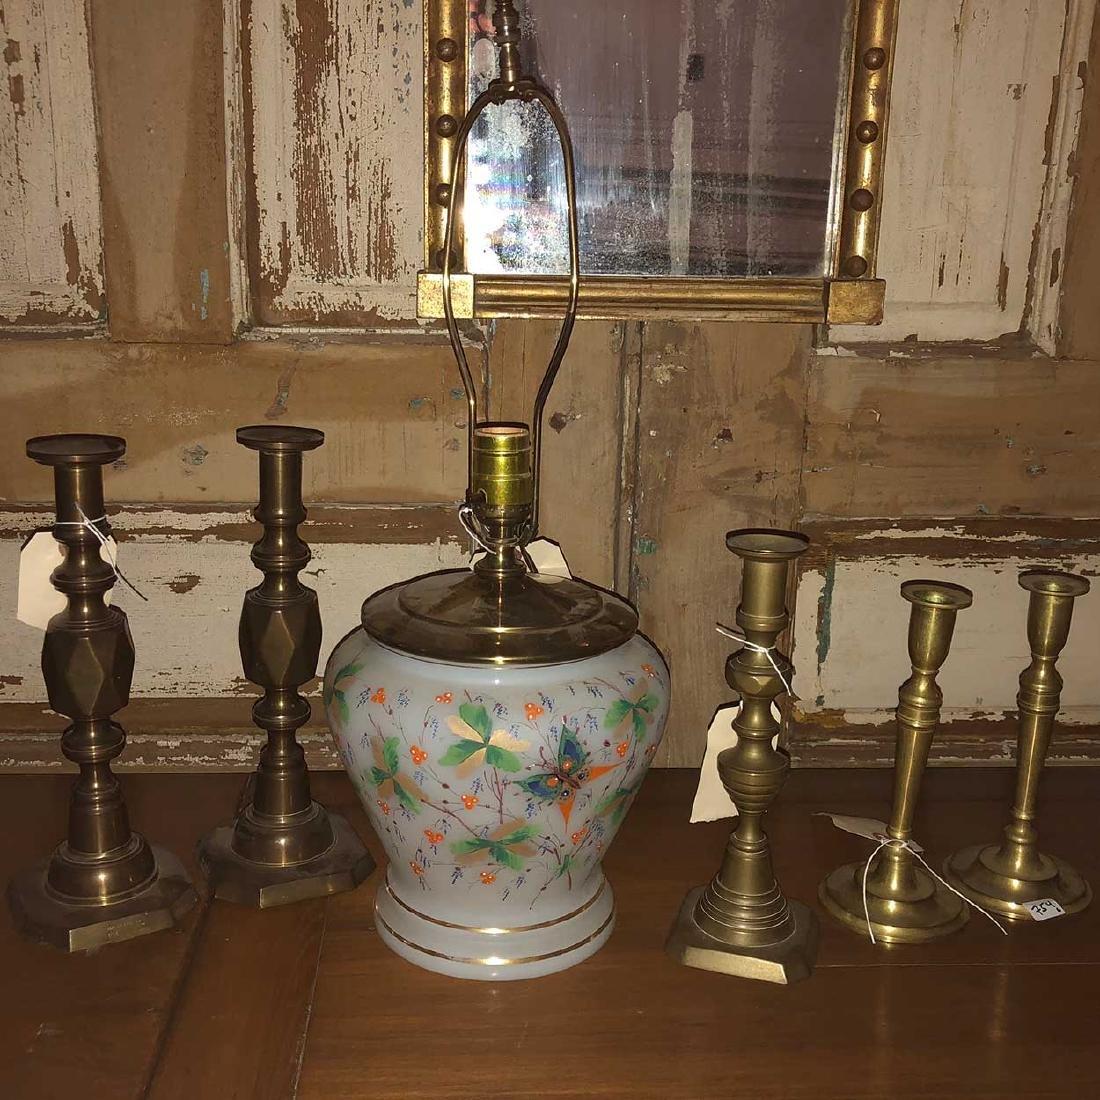 5 Brass Candlesticks, Opaline Glass Table Lamp